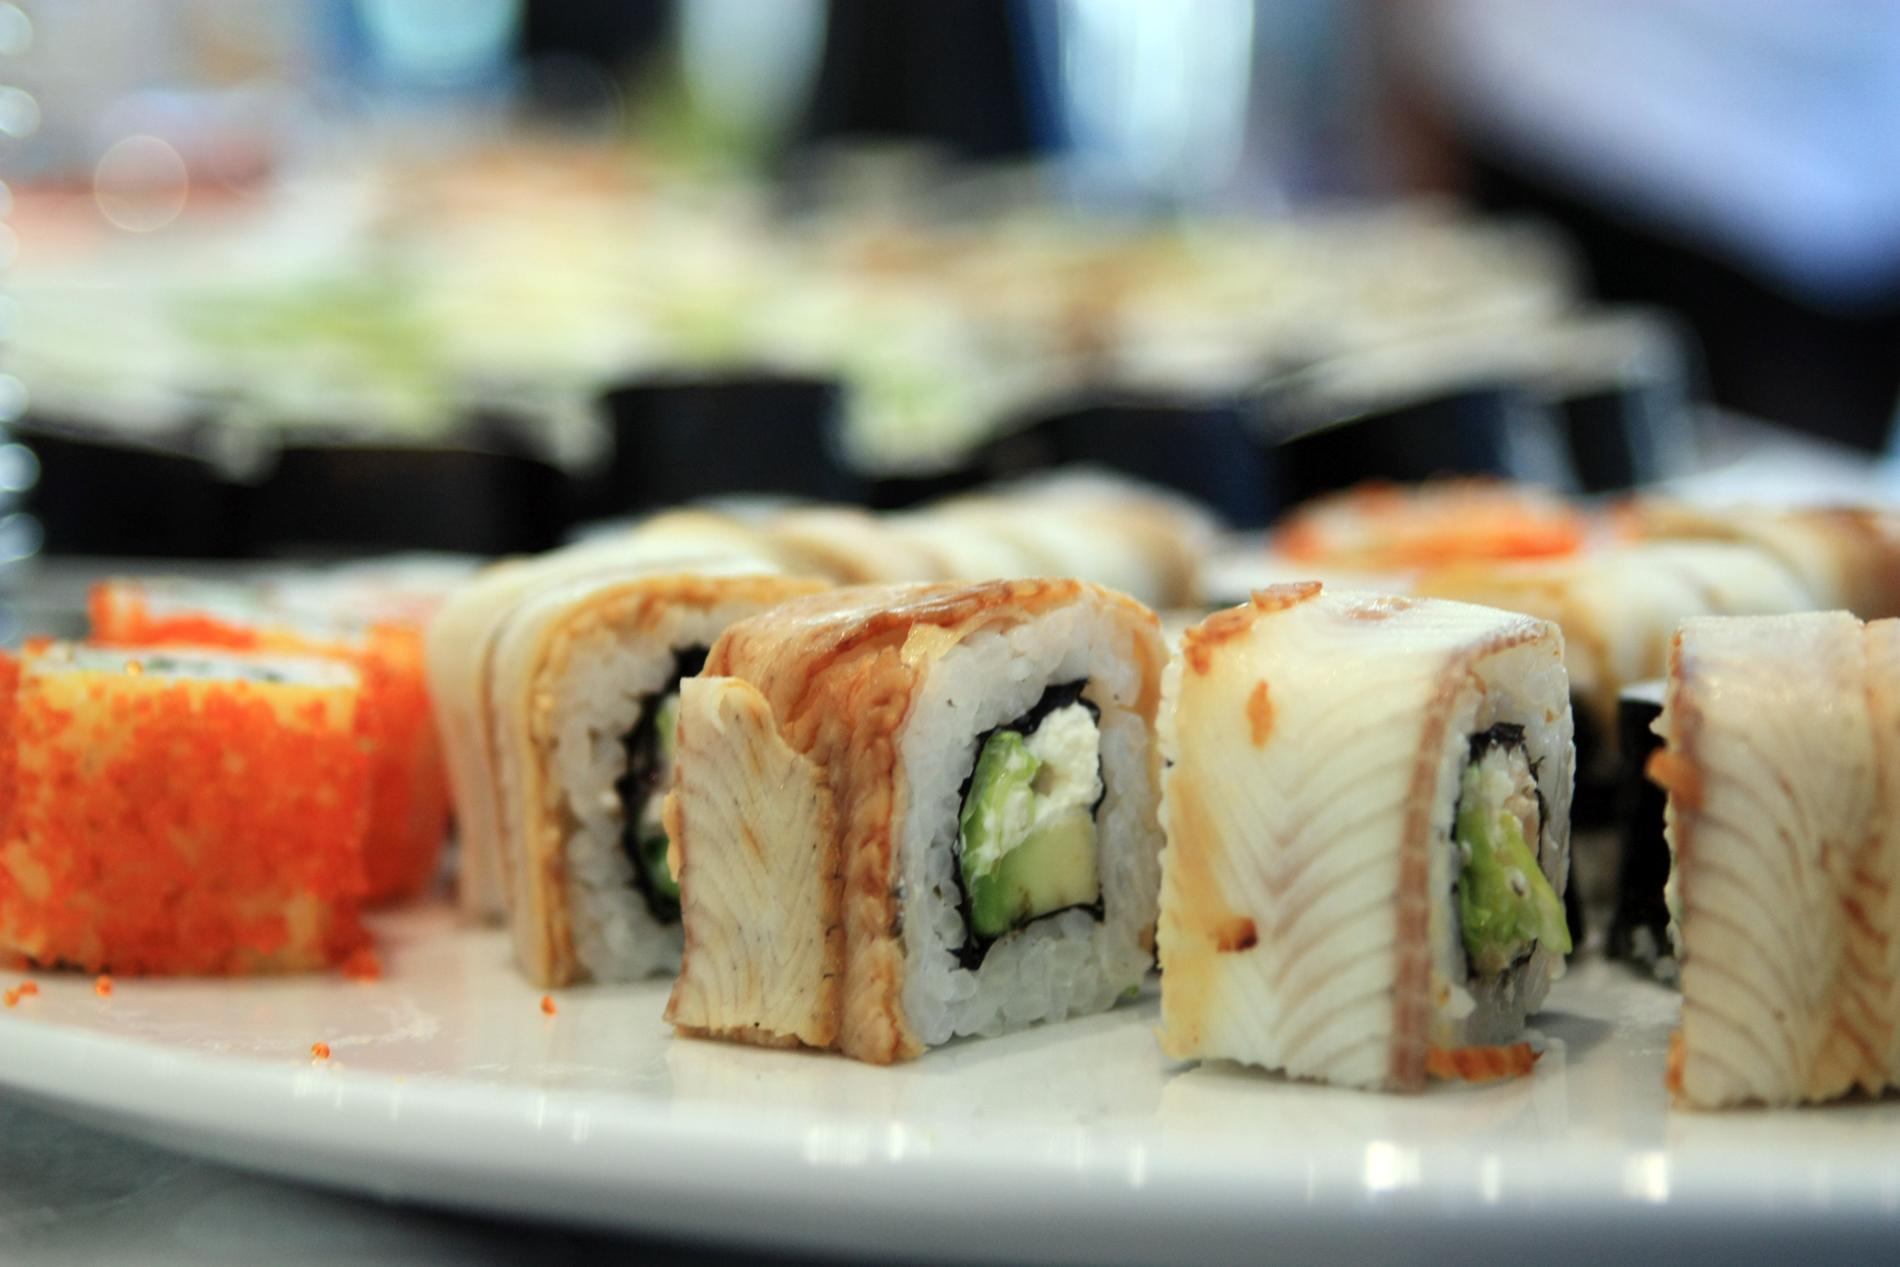 Санврачи просят екатеринбуржцев с осторожностью есть суши и роллы в жару